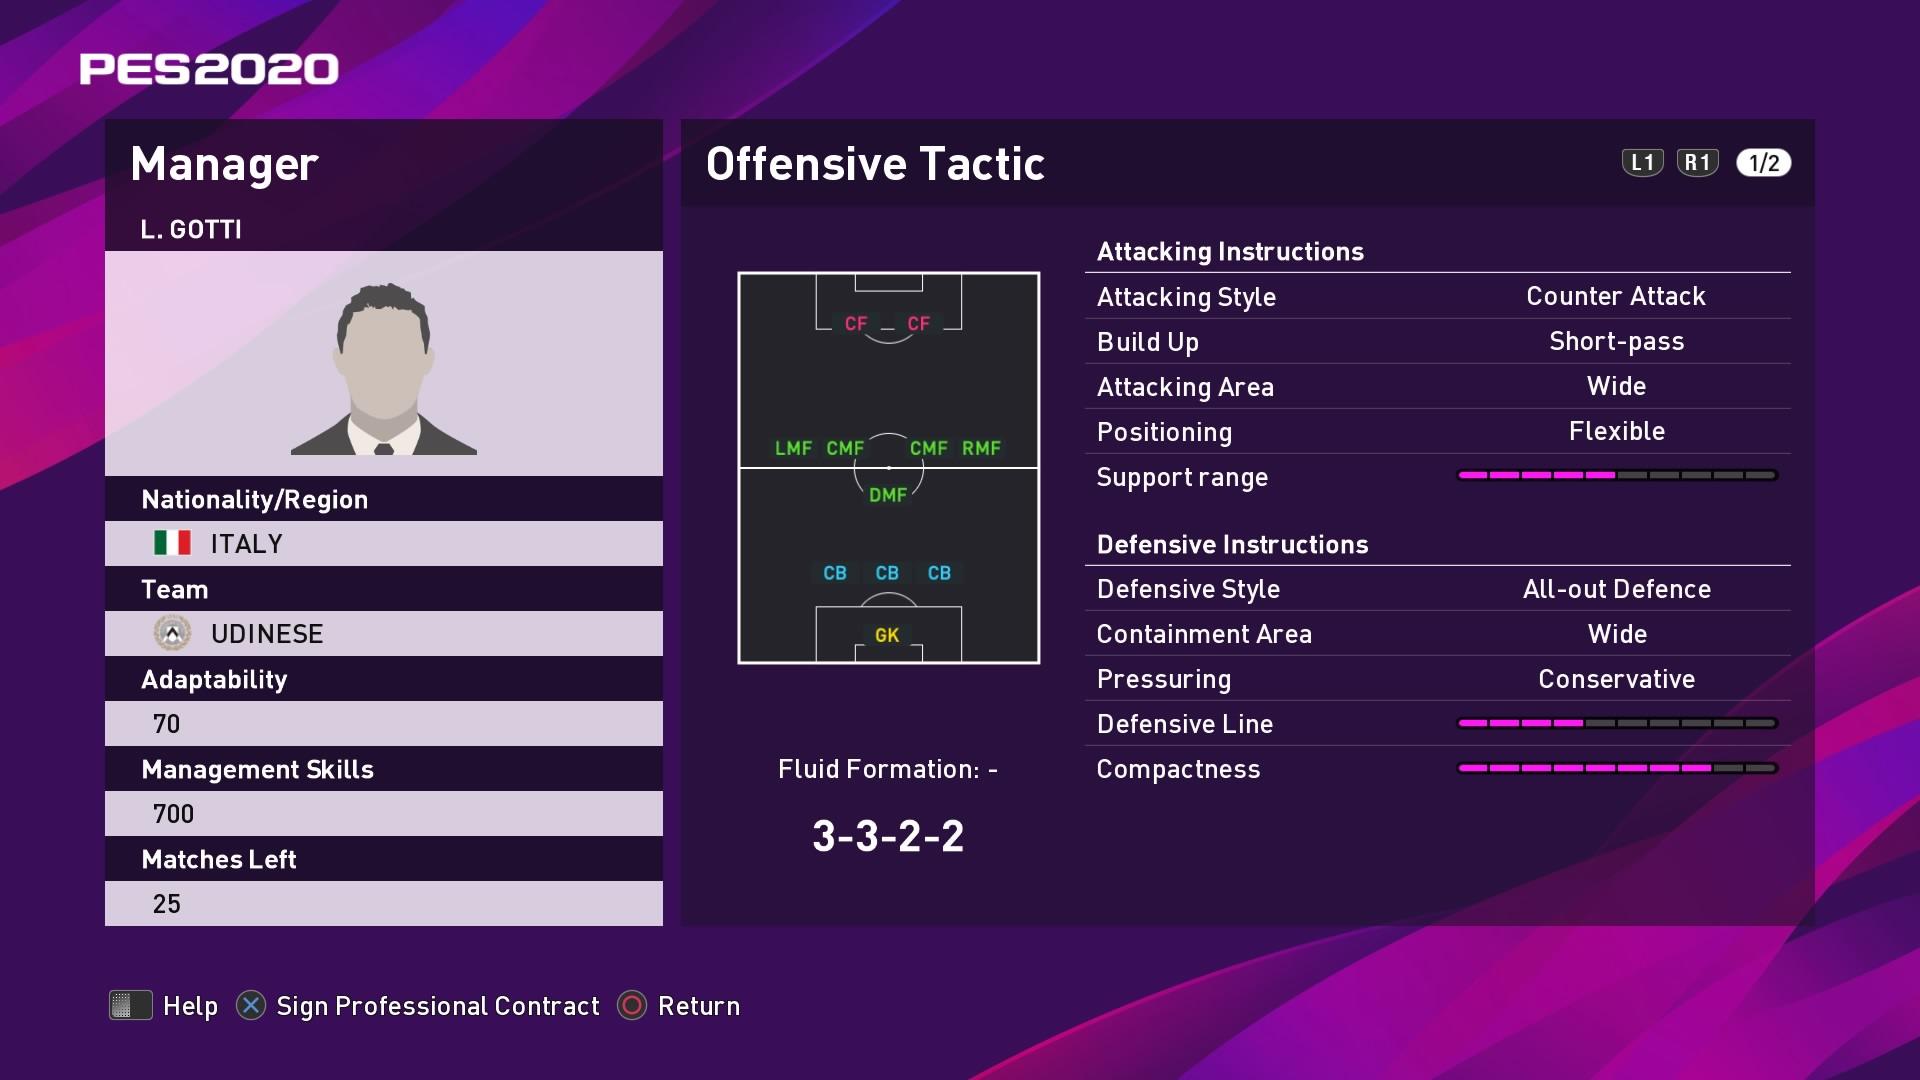 L. Gotti (Luca Gotti) Offensive Tactic in PES 2020 myClub